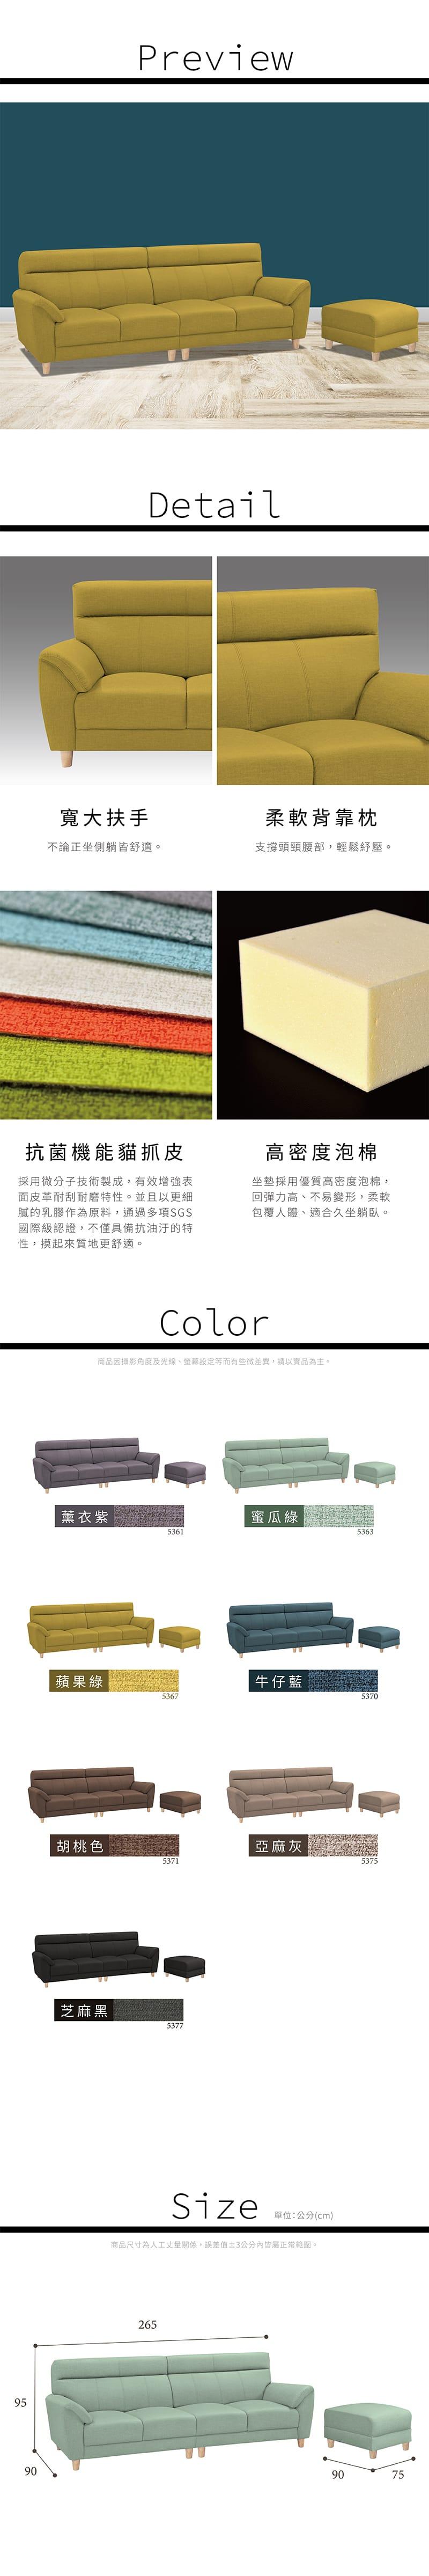 貓抓皮L型沙發(7色可選)【拉巴特】